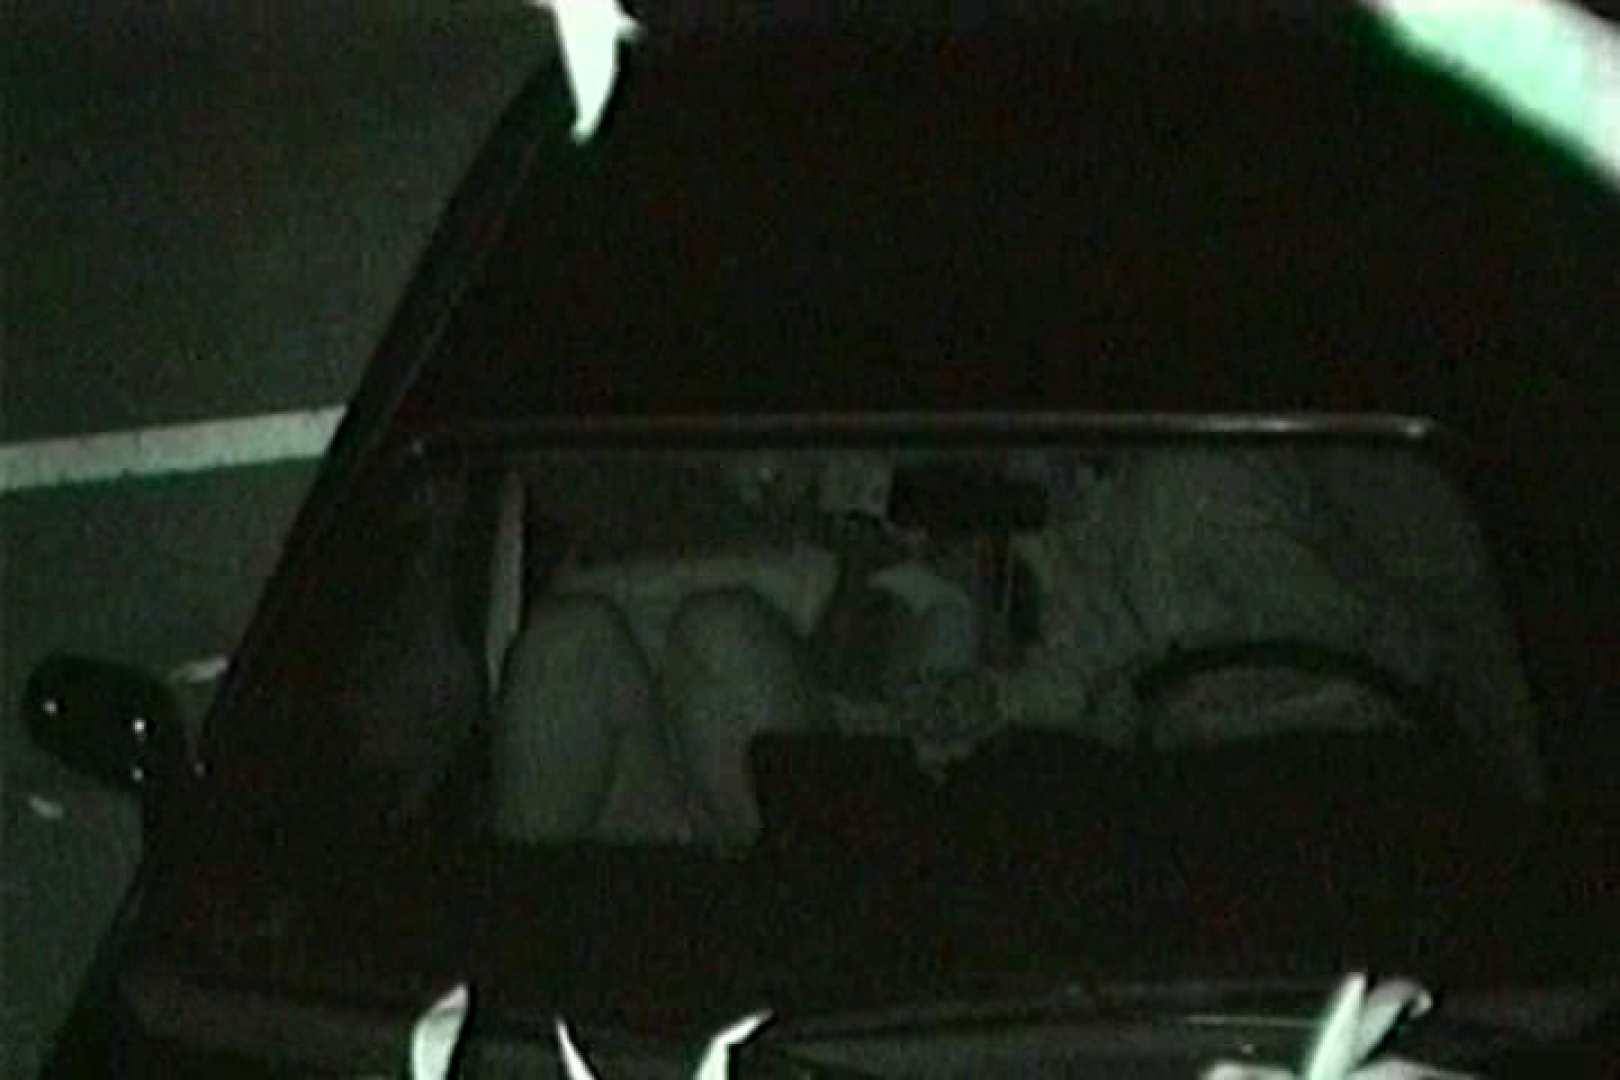 車の中はラブホテル 無修正版  Vol.8 望遠 すけべAV動画紹介 108PICs 86